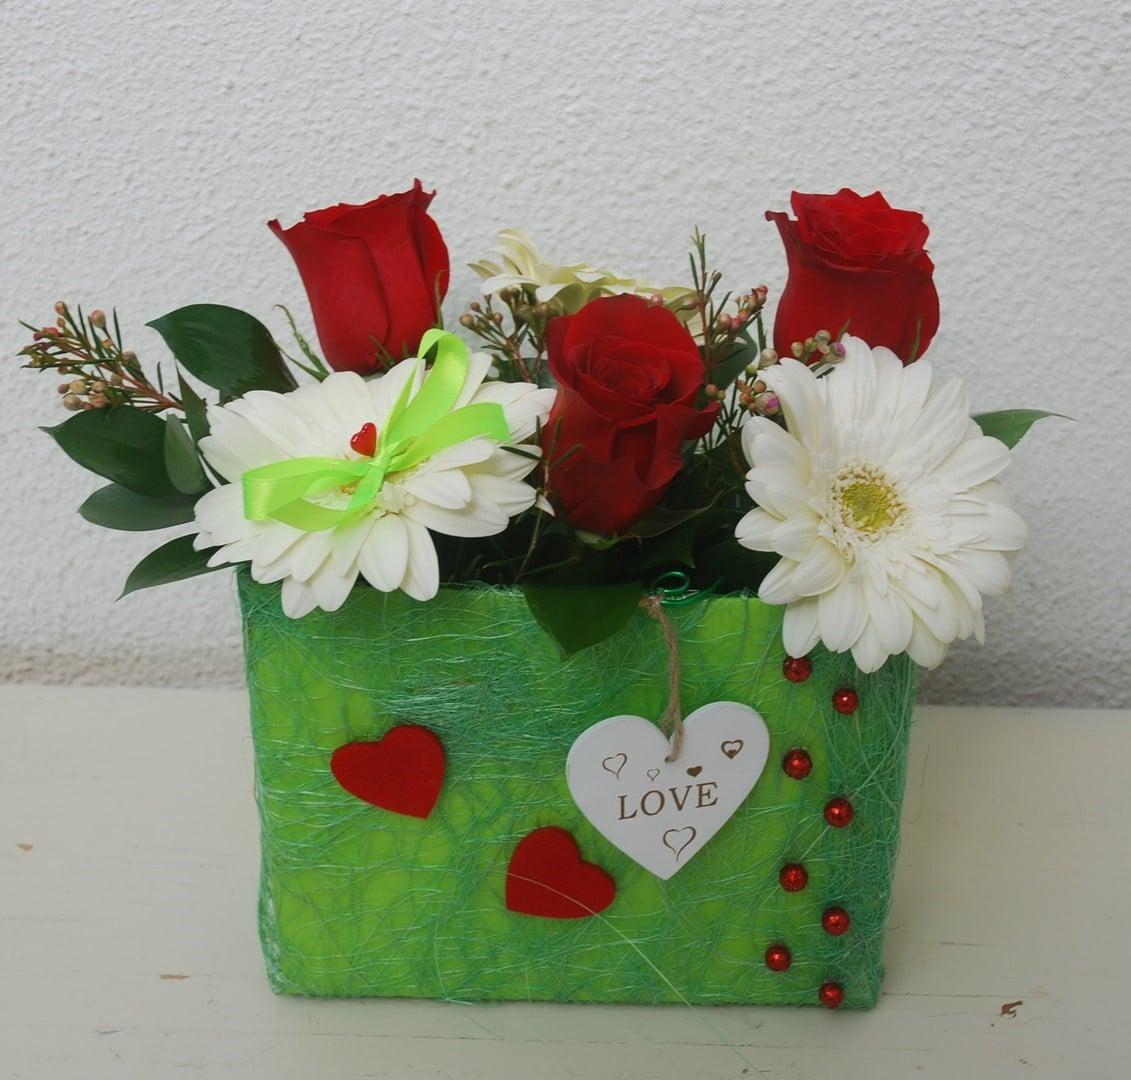 Malinha com rosas vermelhas